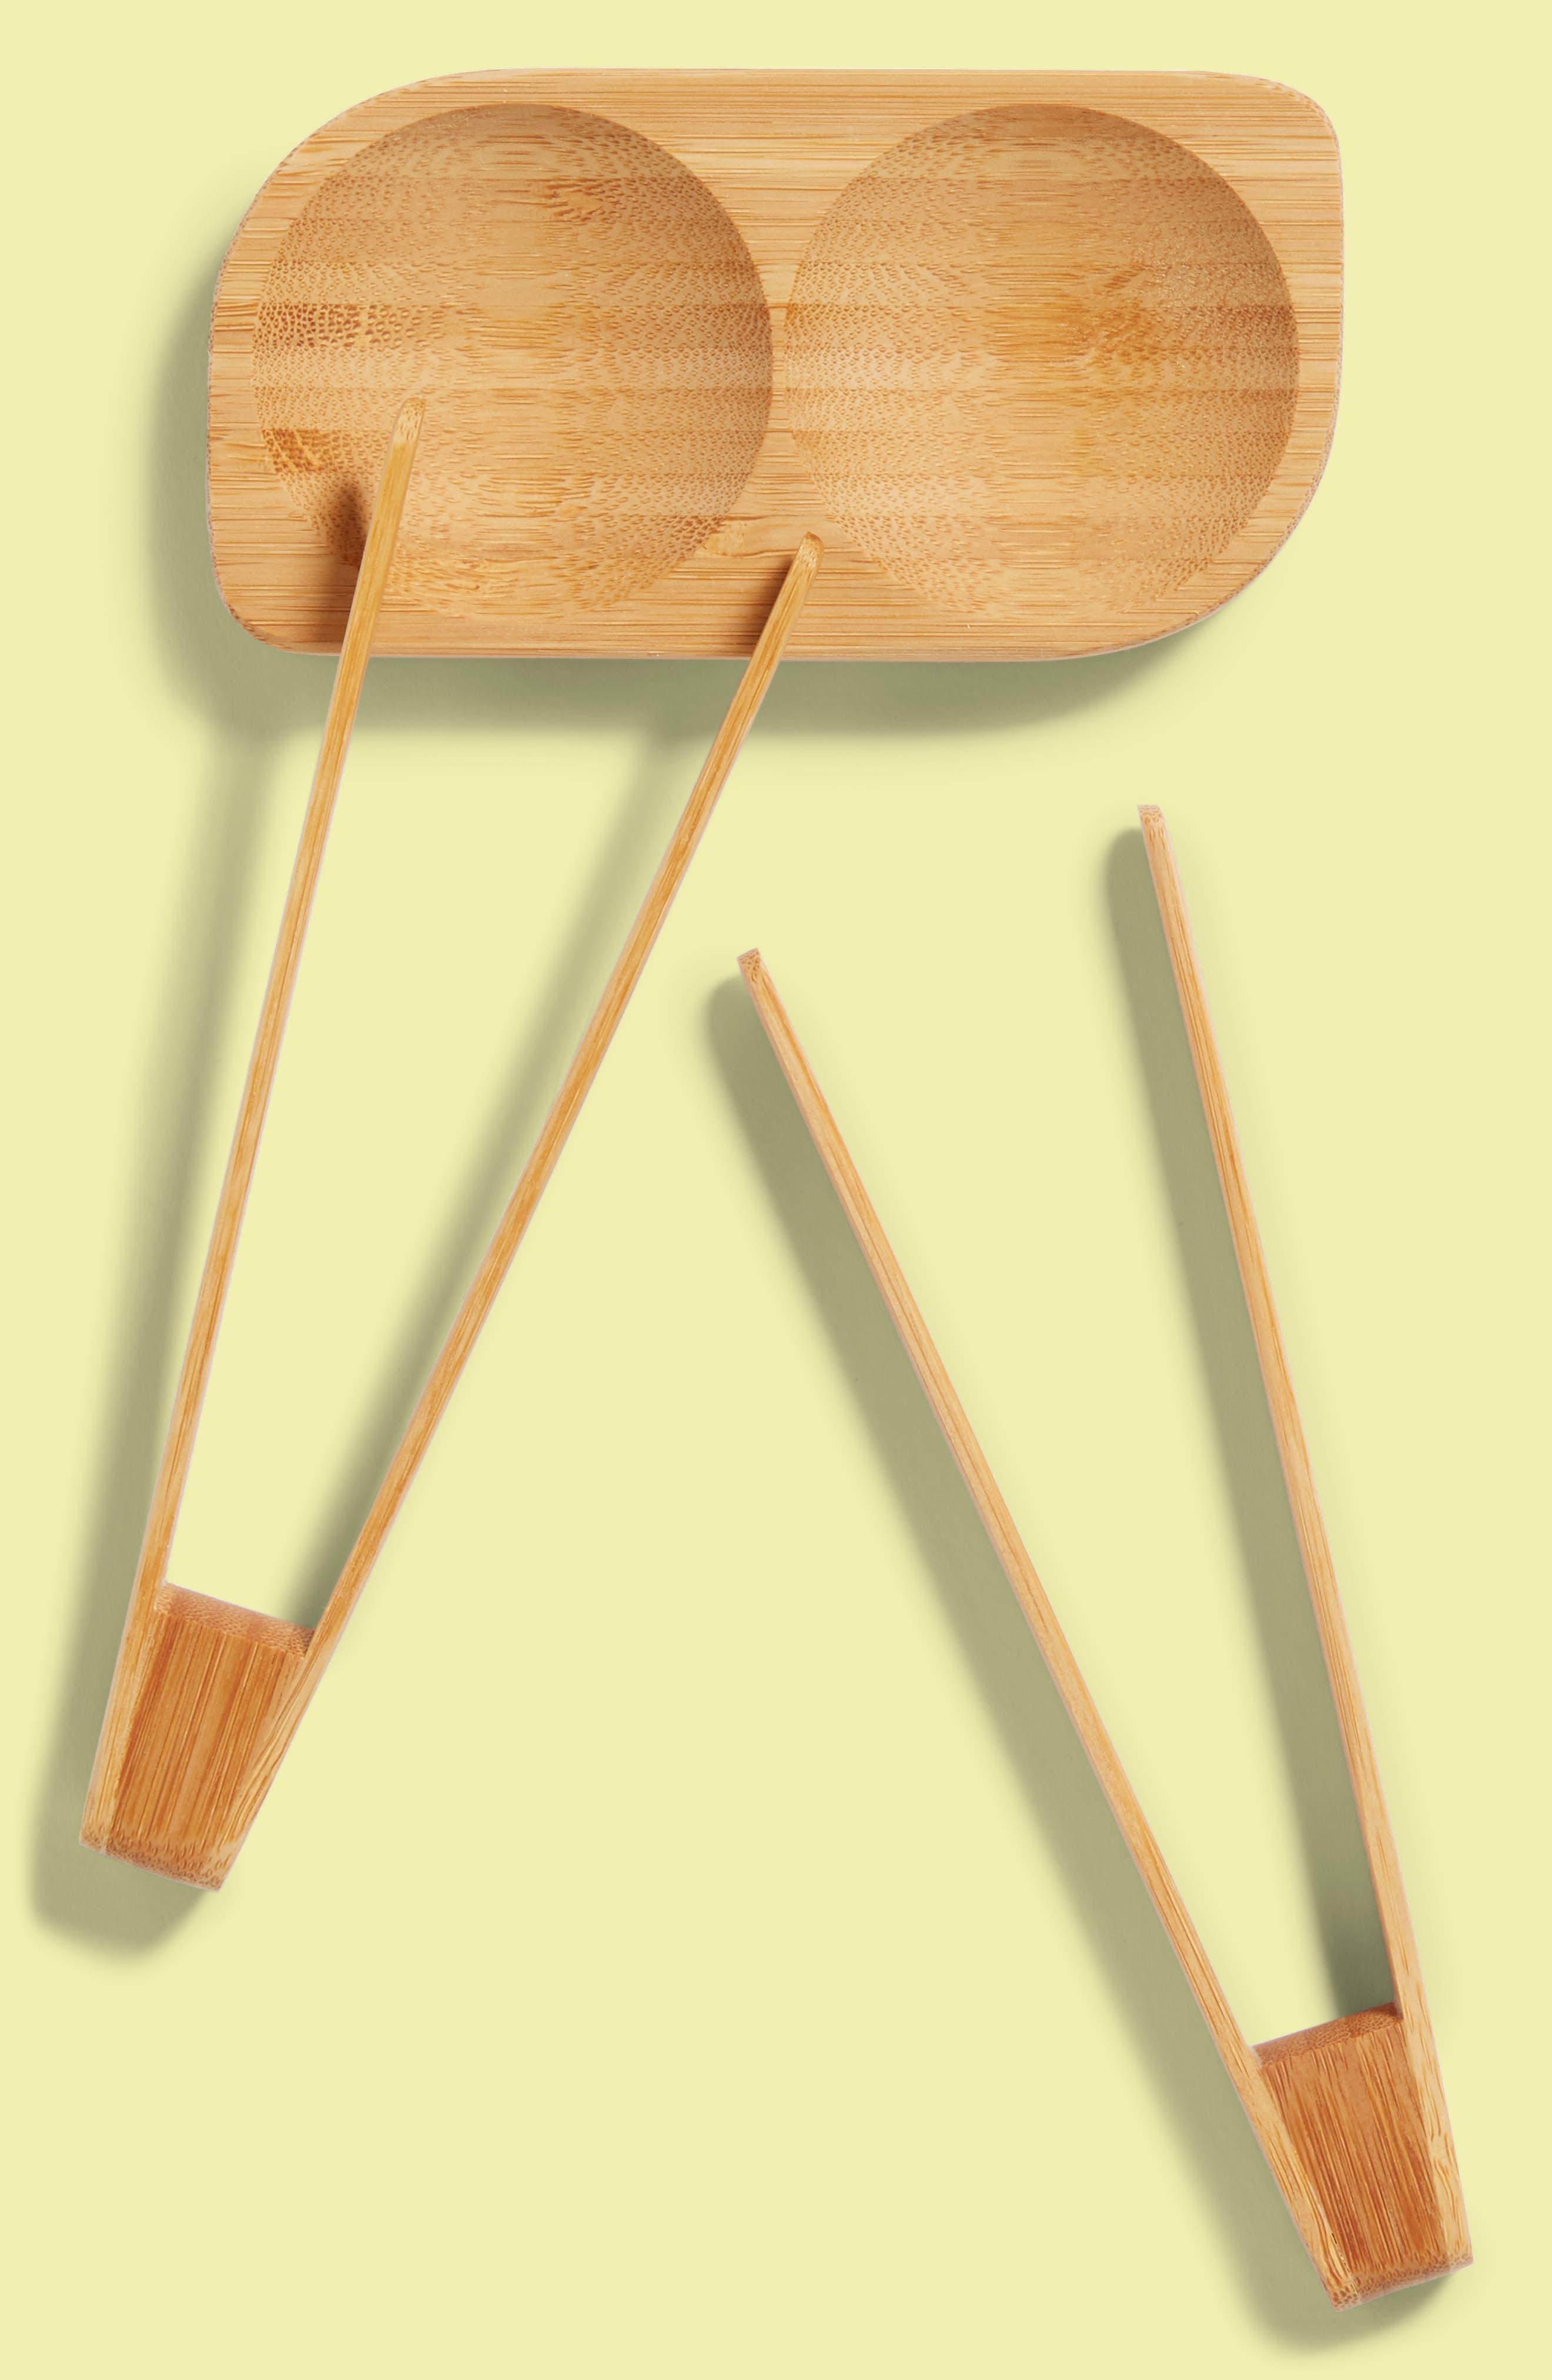 3-Piece Bamboo Sushi Tray & Songs Set,                             Main thumbnail 1, color,                             250